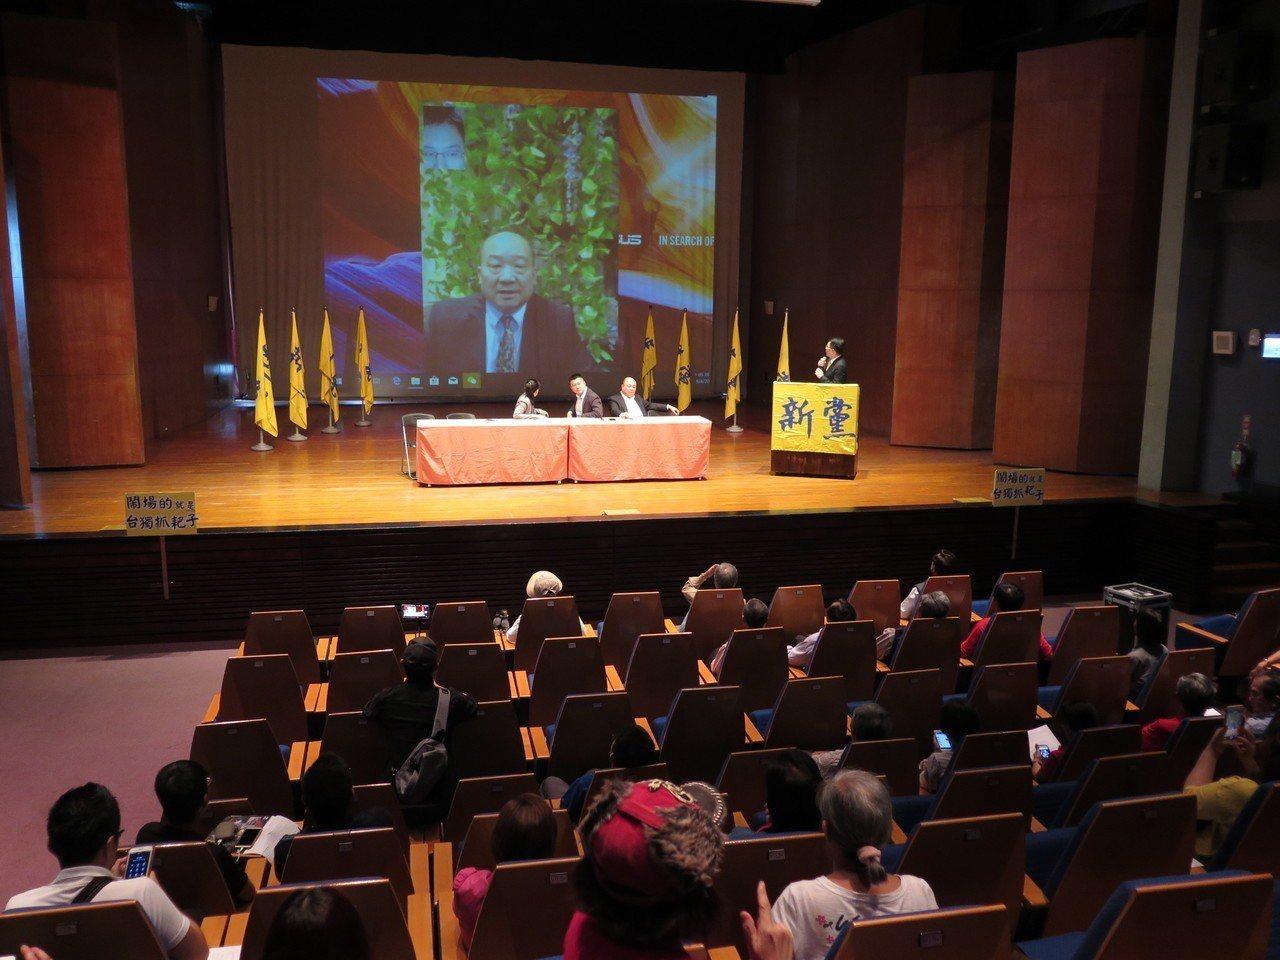 新黨今天下午在桃園市婦女館舉辦「北京要統,台灣怎辦」論壇,表達捍衛談論兩岸統一的...